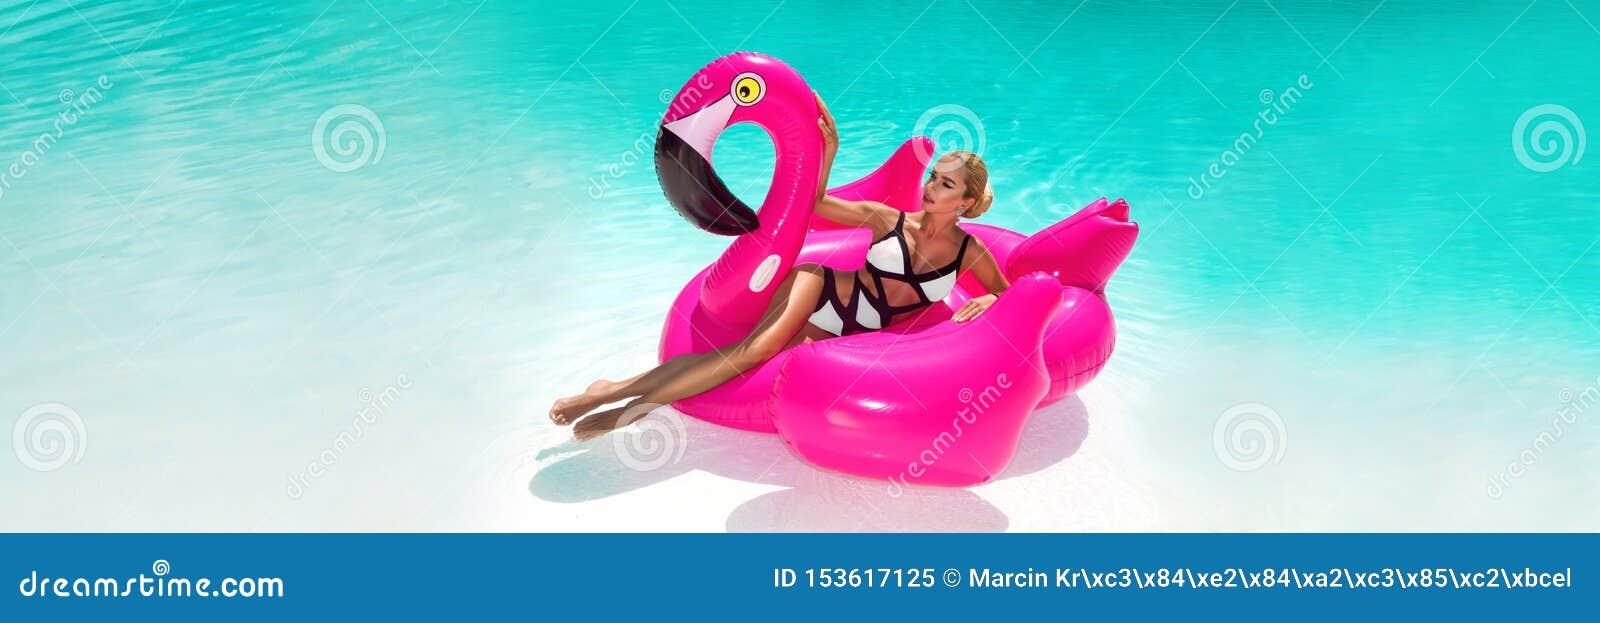 Bella giovane donna sexy e stupefacente in una piscina che si siede su un ardente rosa gonfiabile e che ride, corpo abbronzato, c